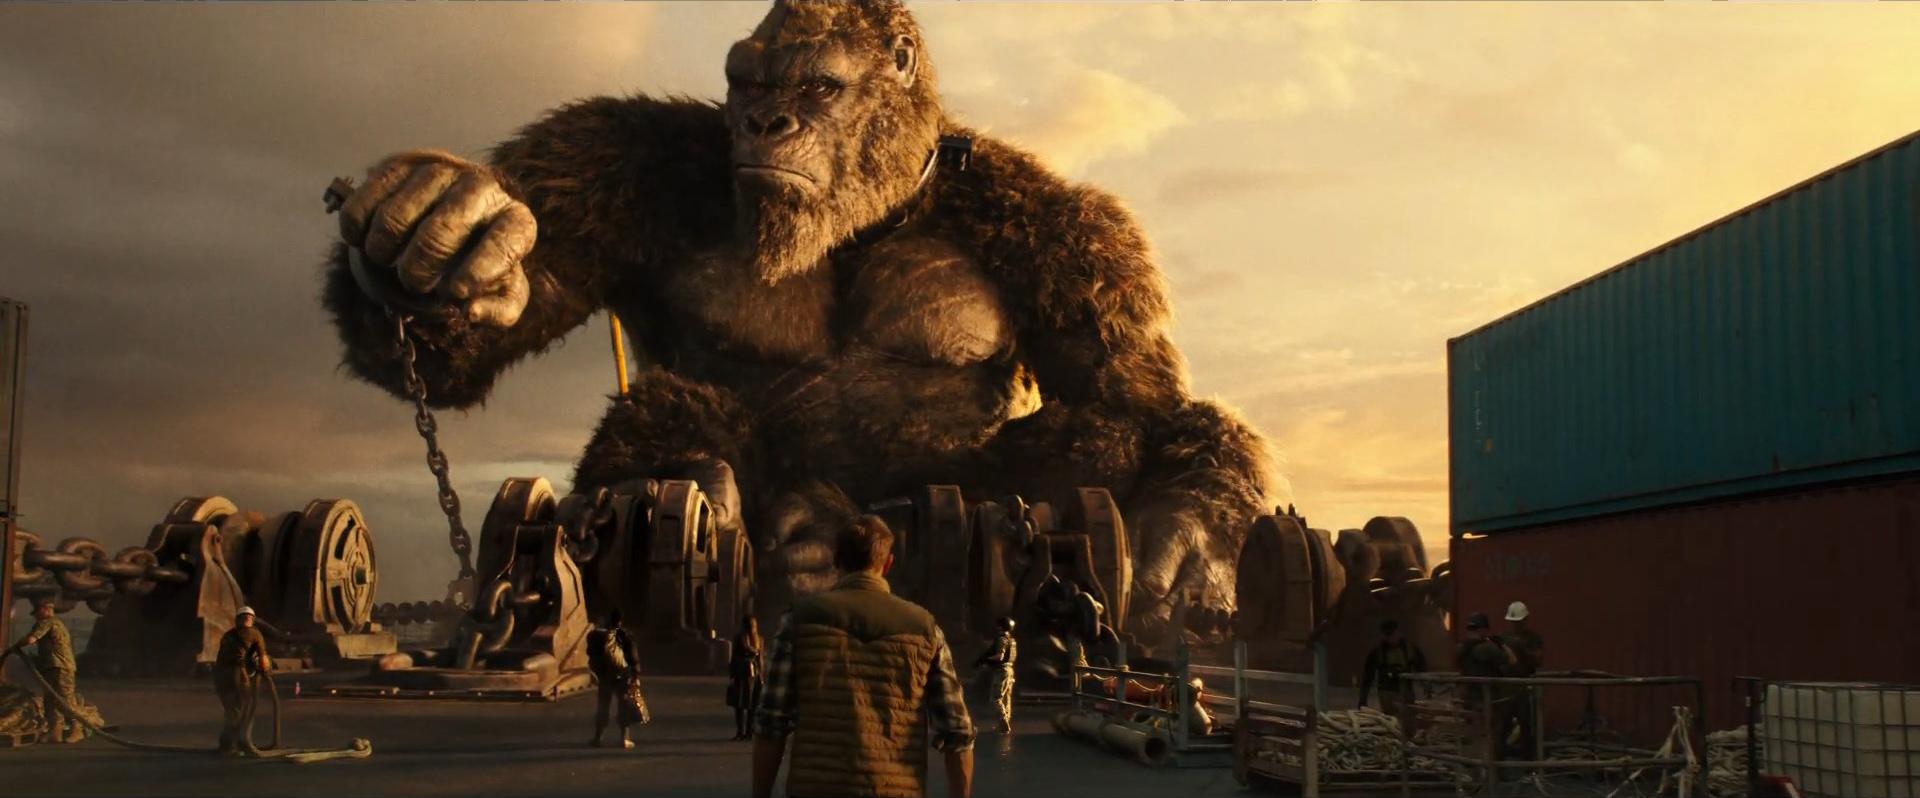 Godzilla vs Kong Trailer Still 10 - Kong awakens